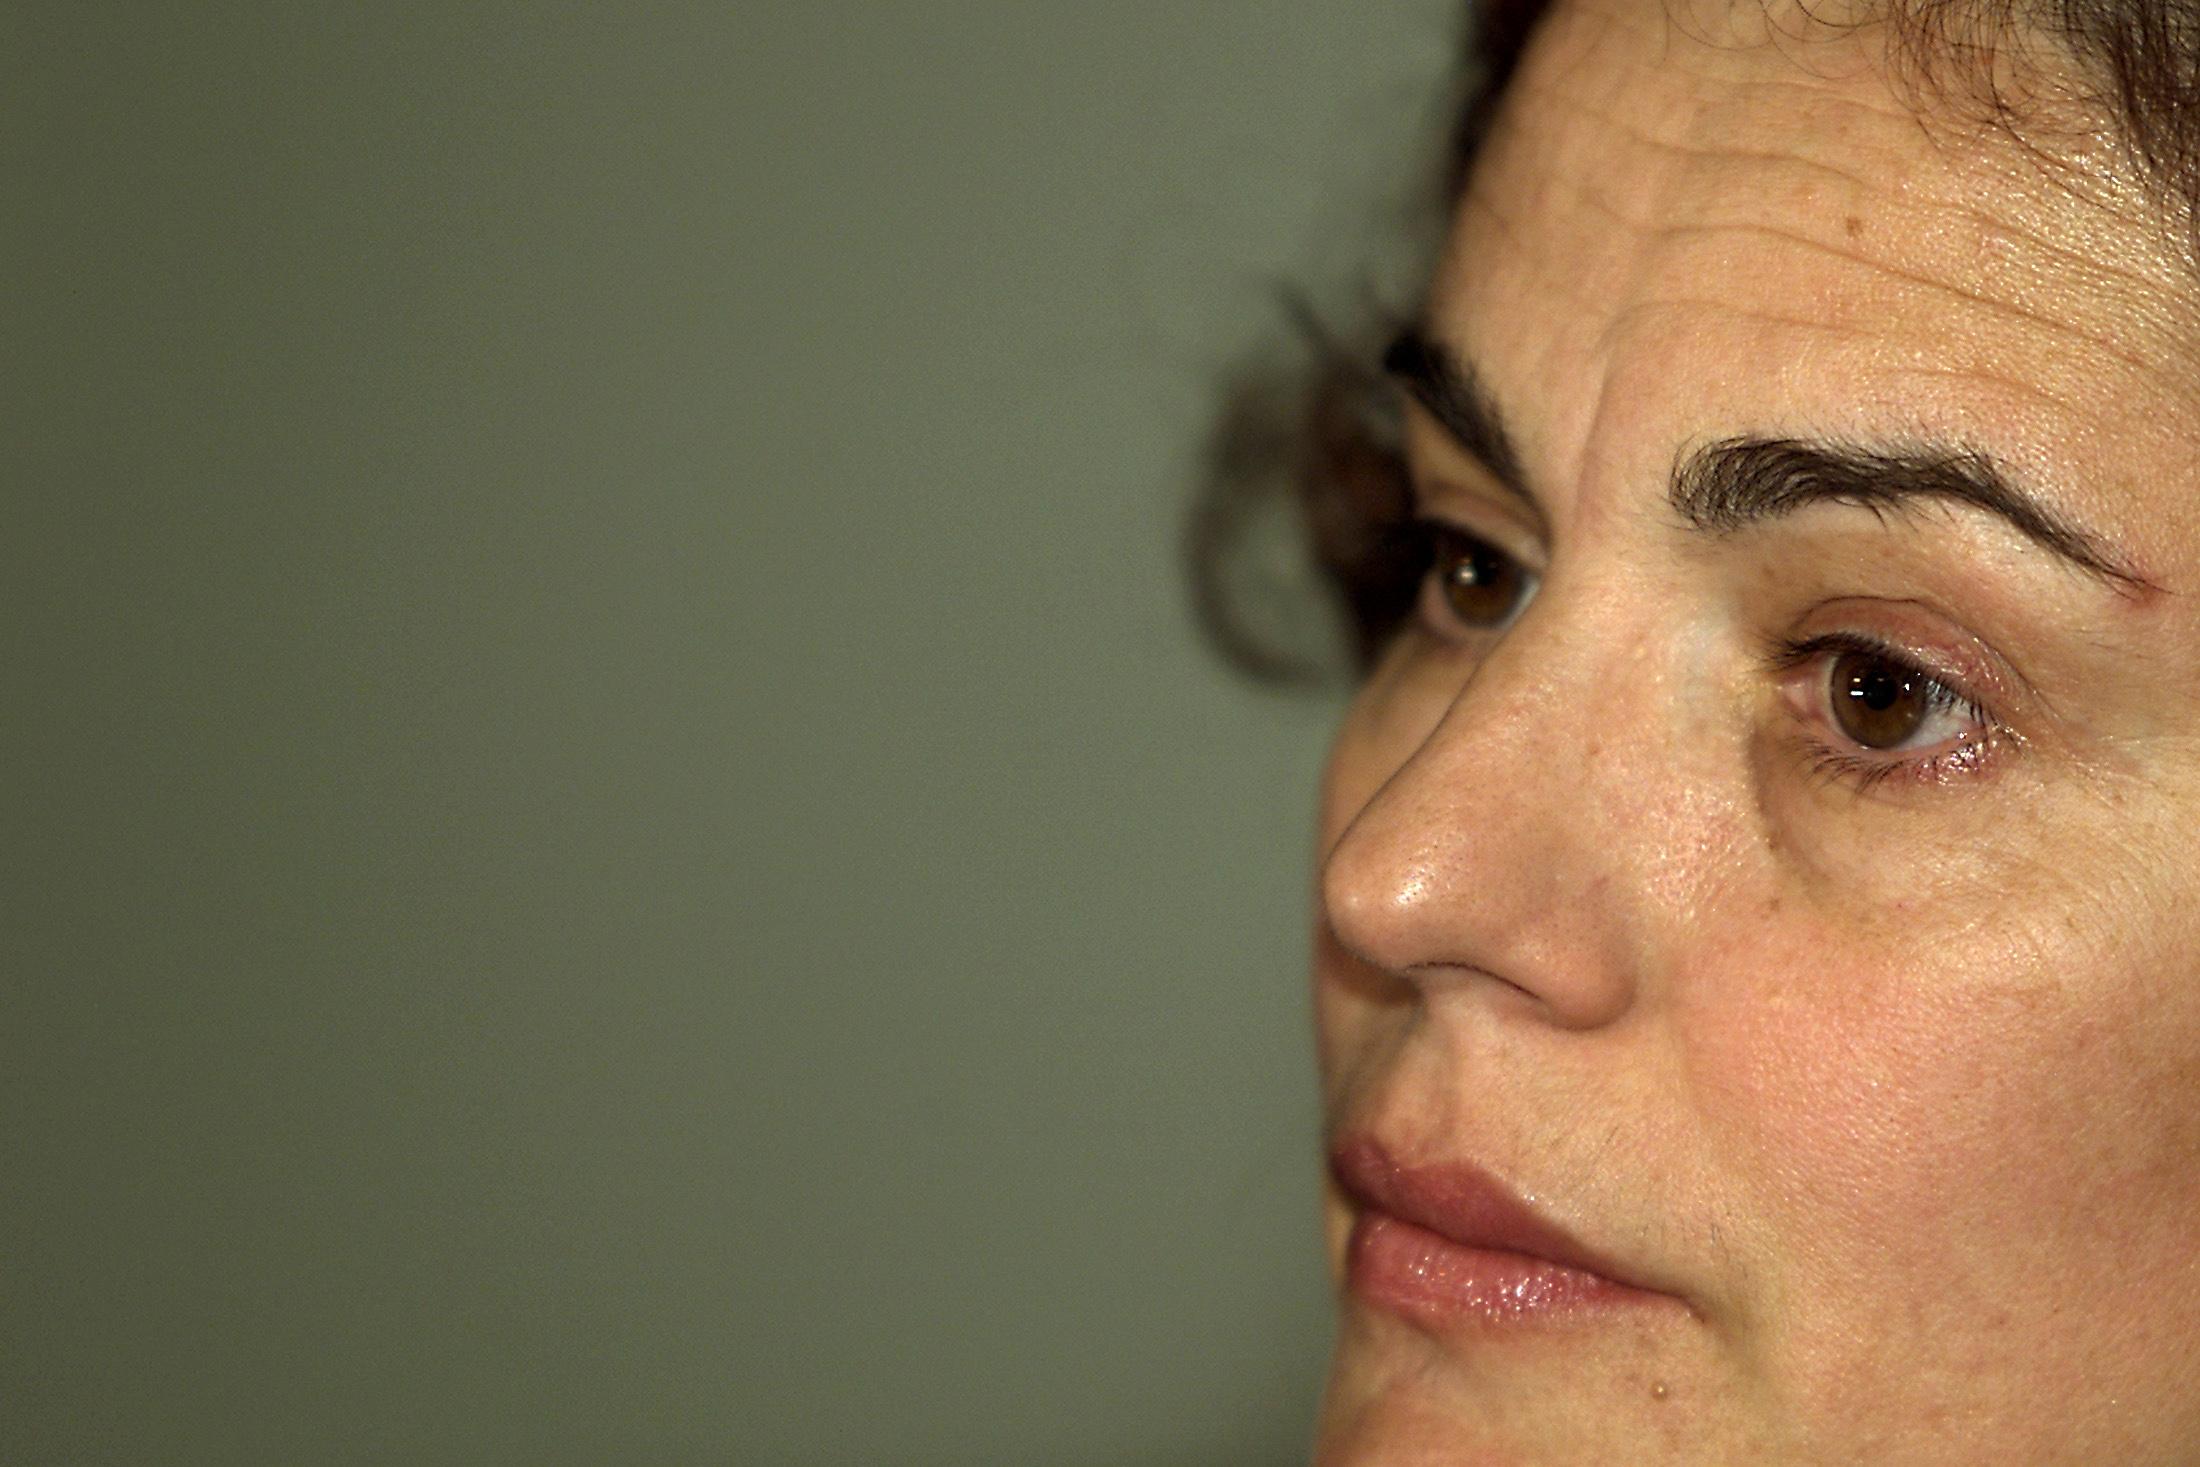 Ρουμανία: Απειλές για τη ζωή της από ακροδεξιά οργάνωση δέχεται διάσημη ηθοποιός με εβραϊκή καταγωγή